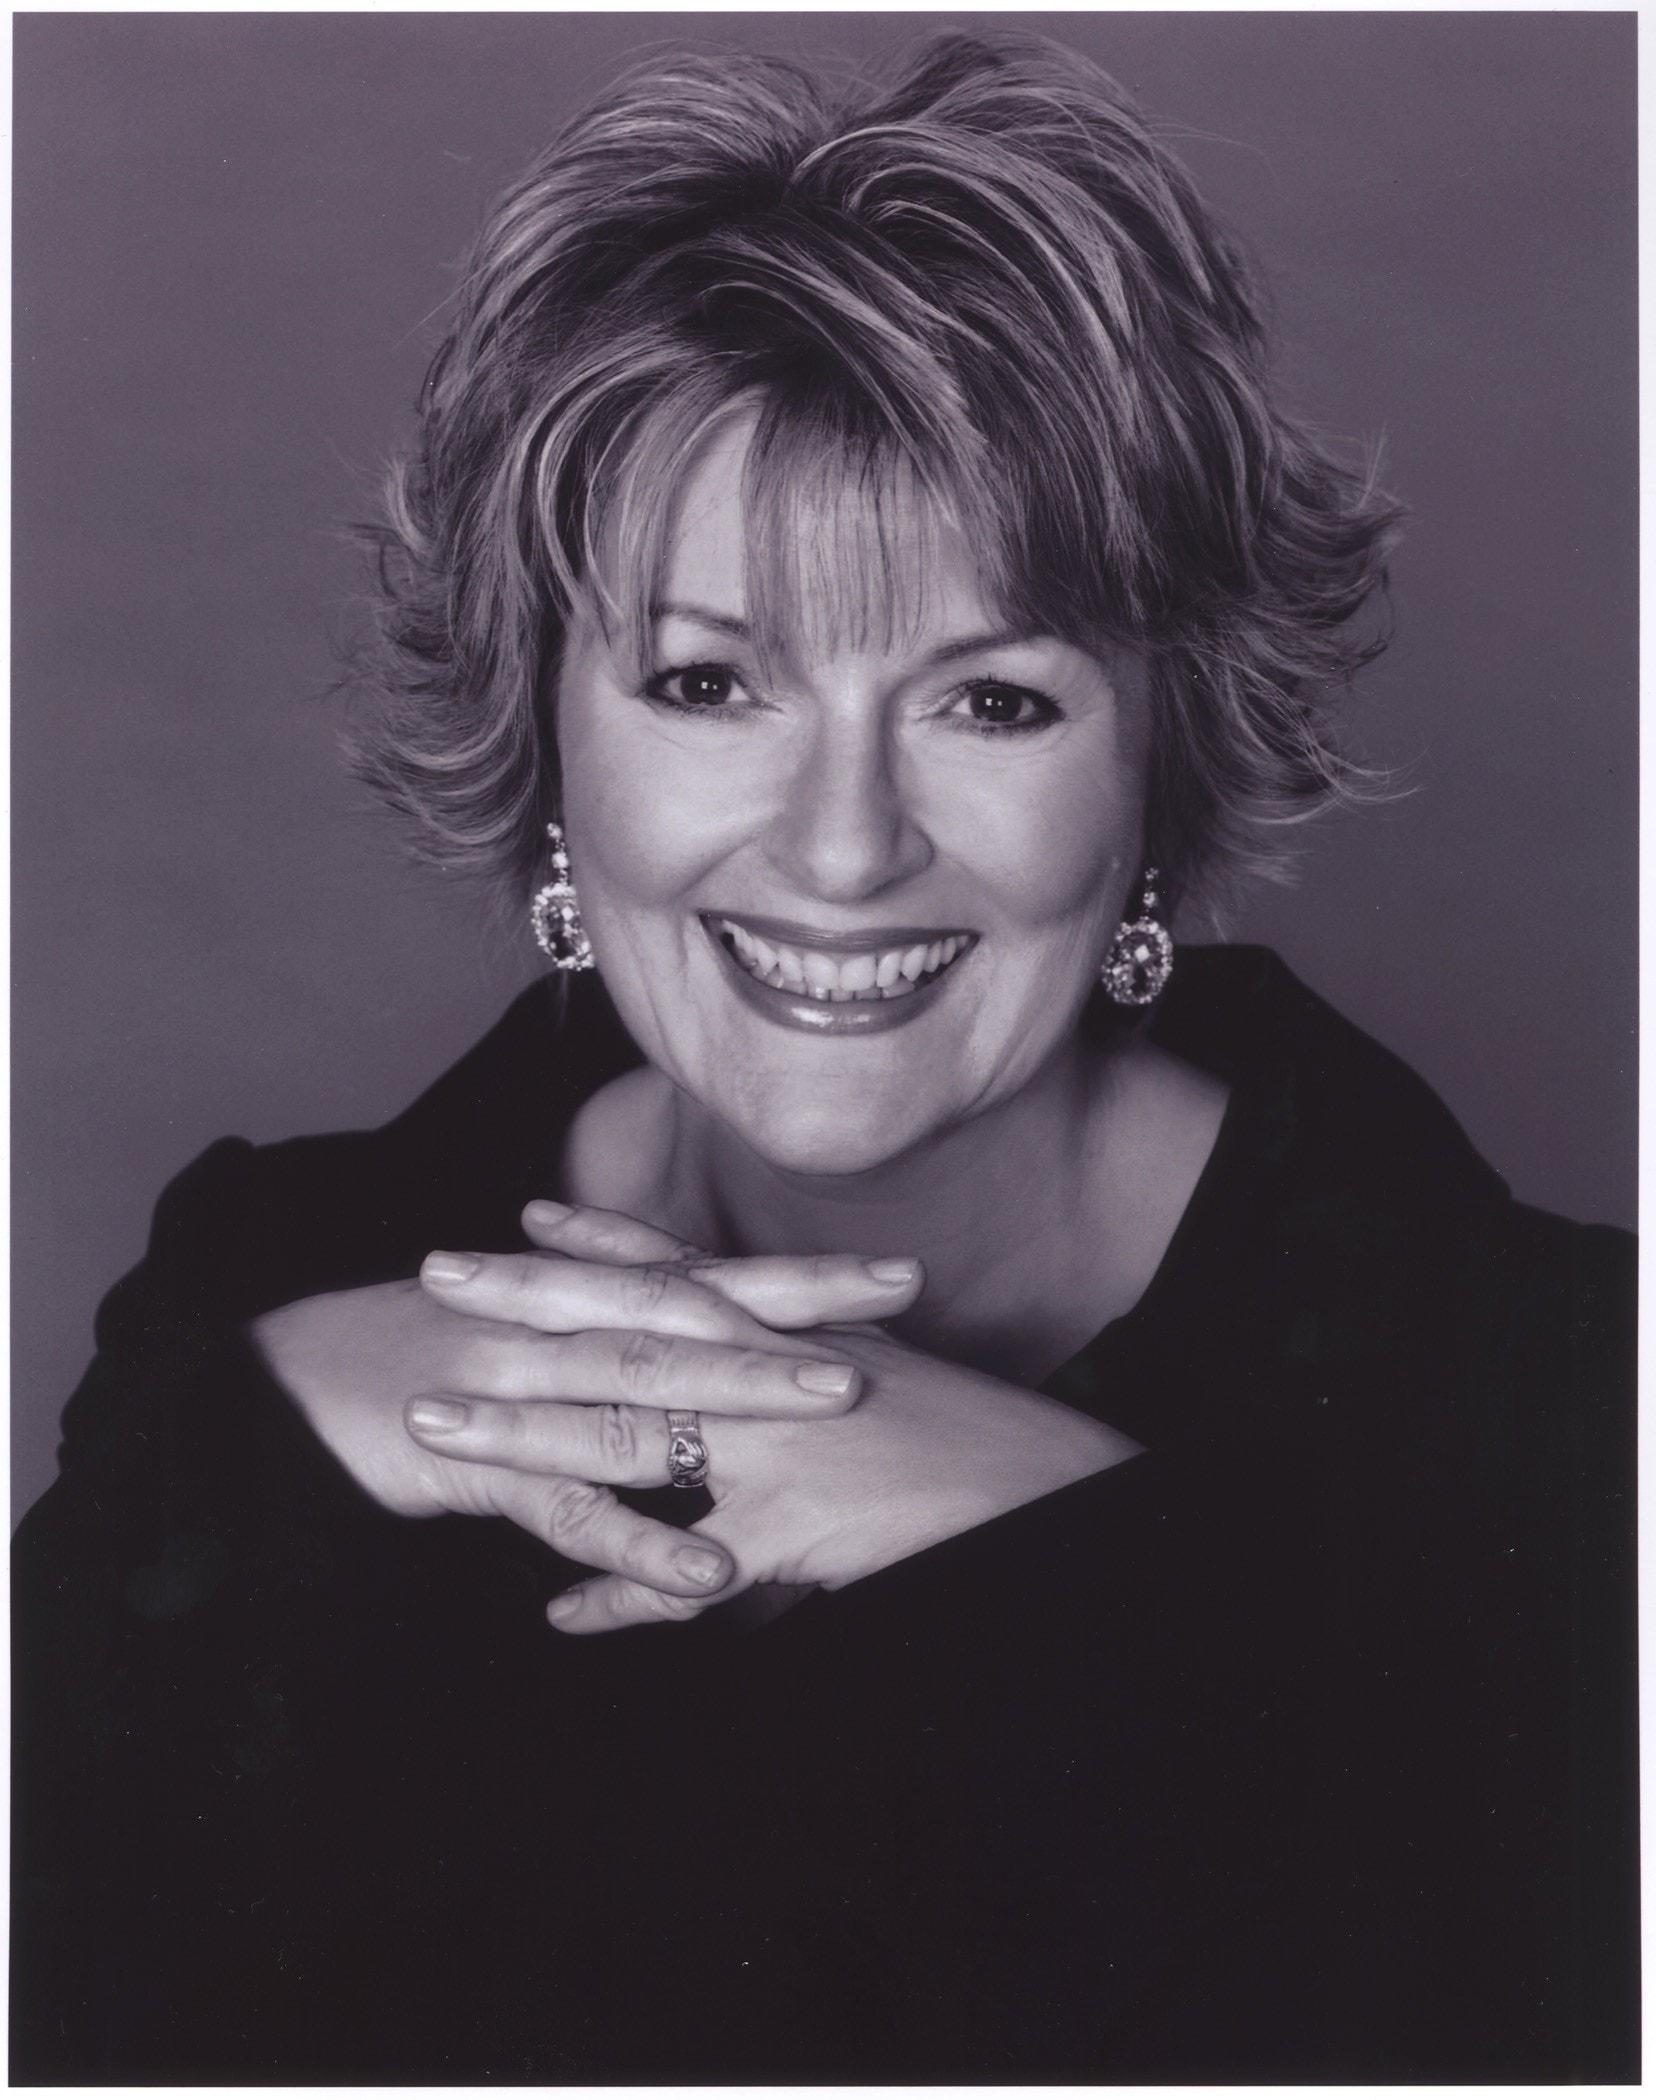 Brenda Blethyn Background